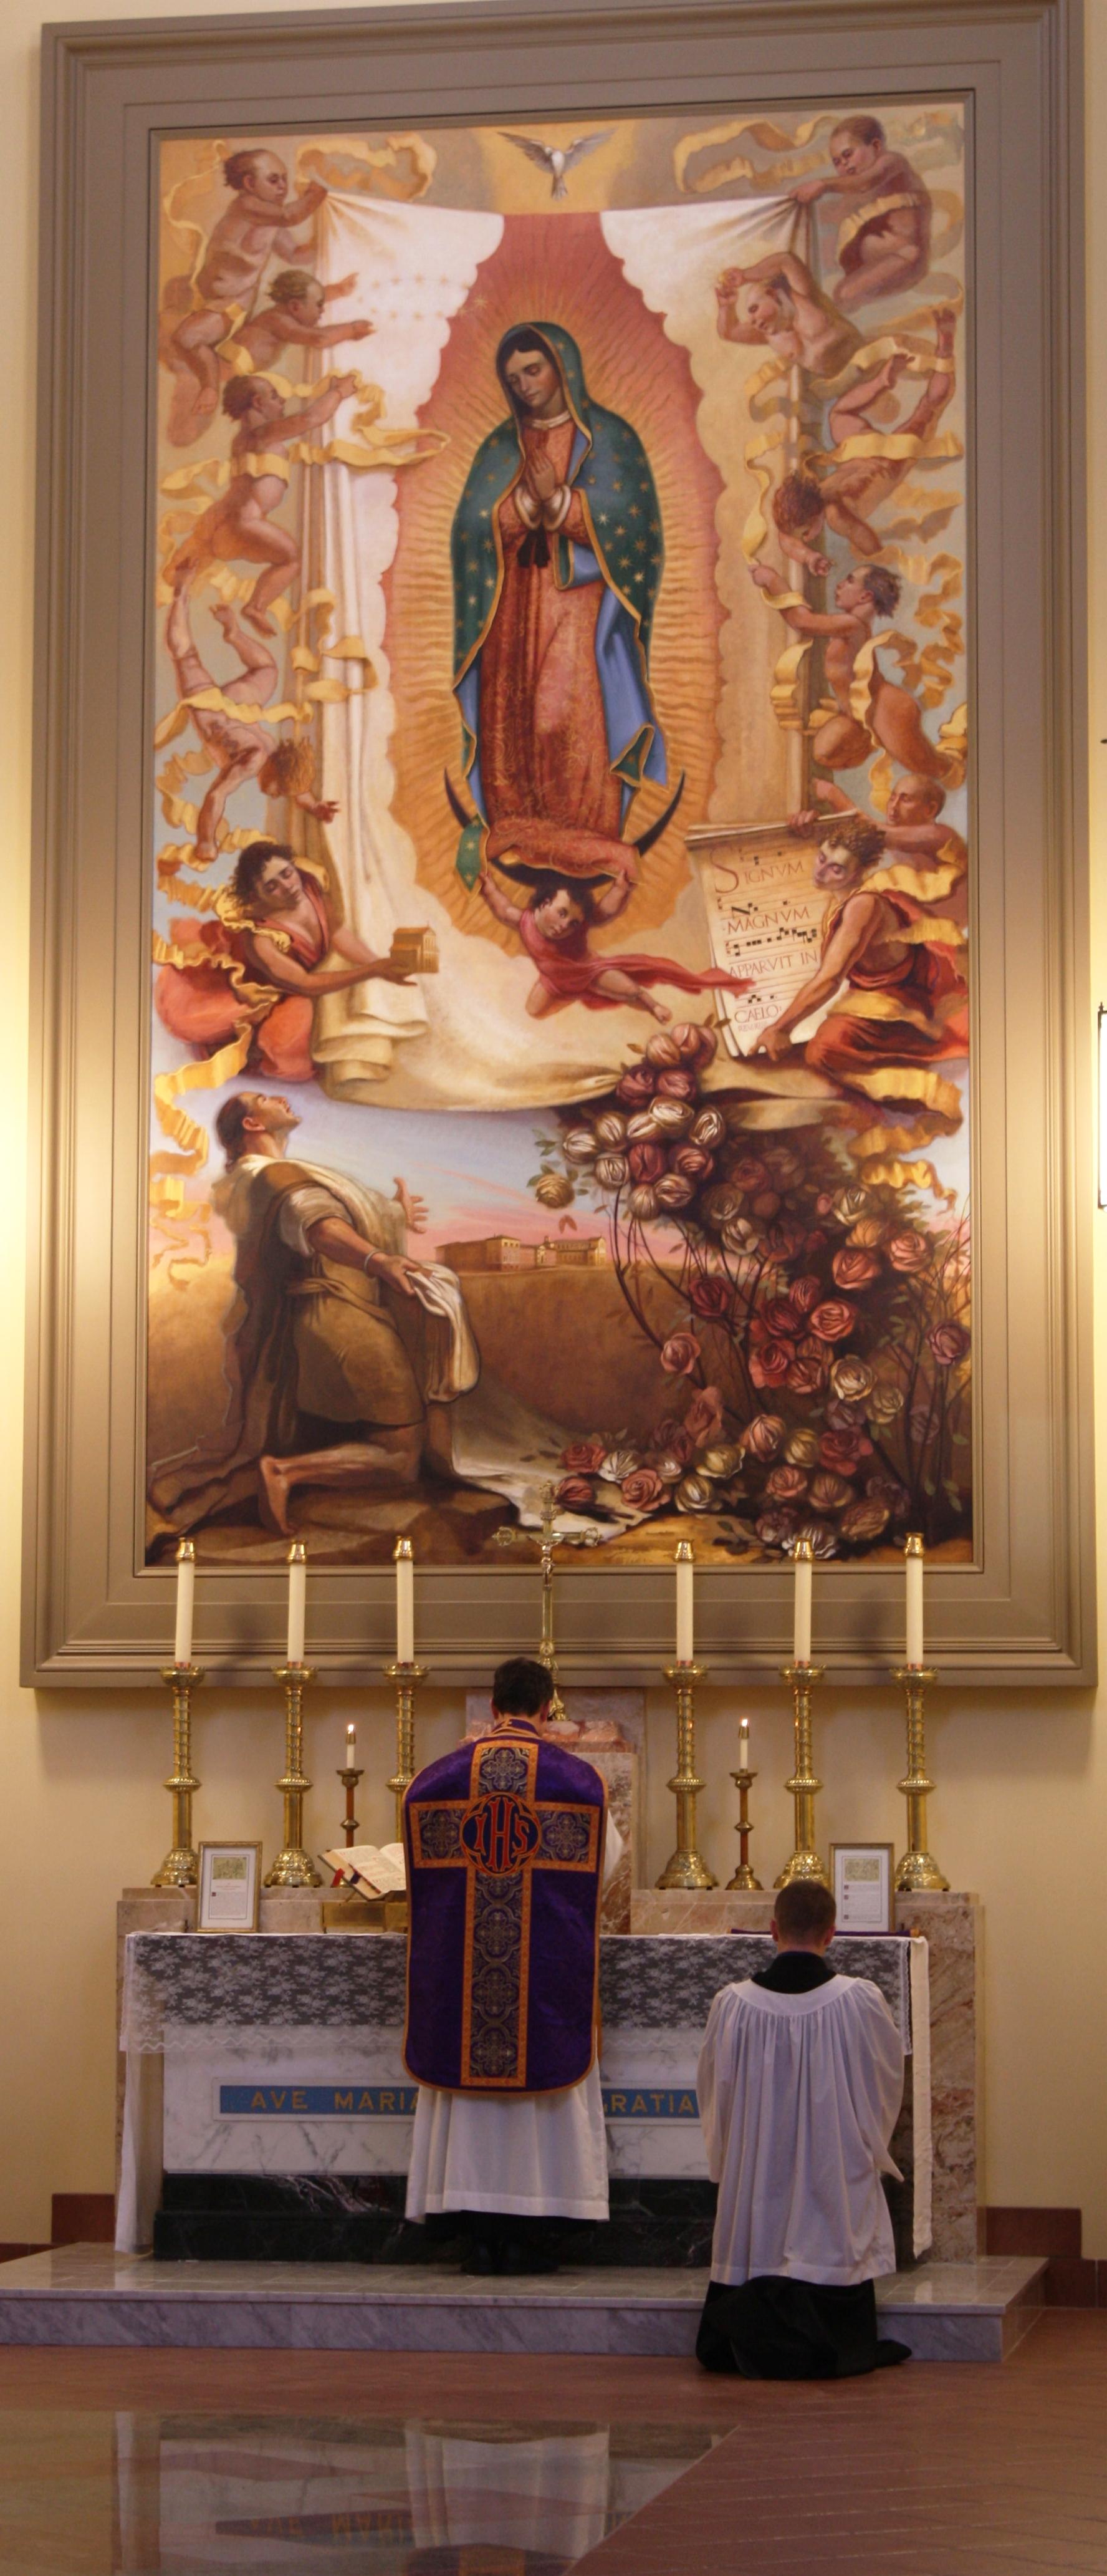 olg mural w mass.jpg